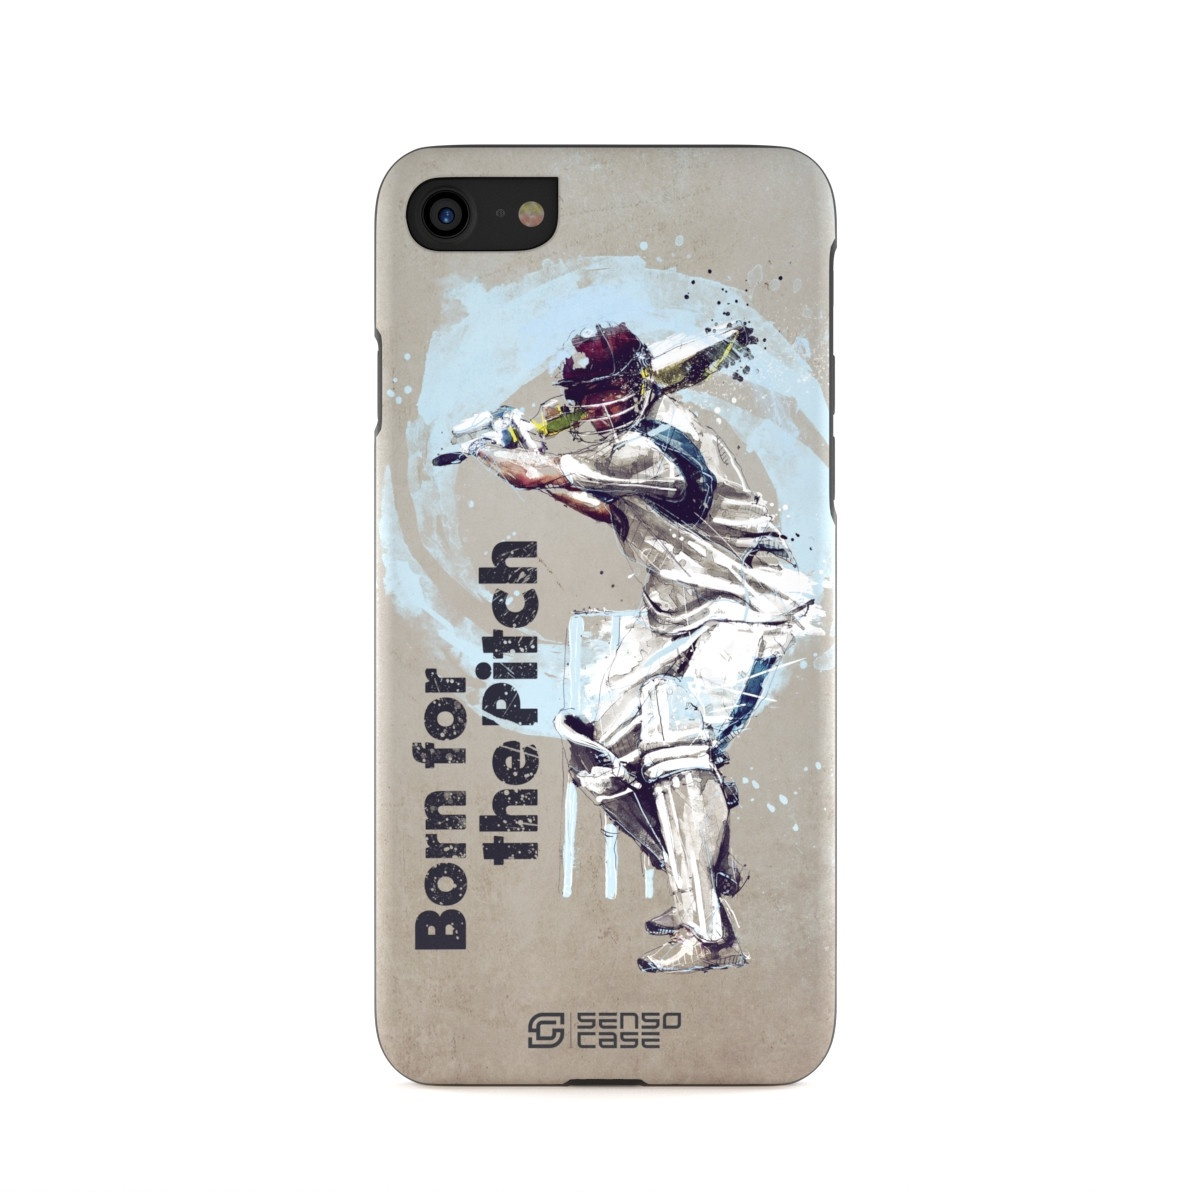 """Чехол для сотового телефона SensoCase iPhone 6/6s """"Крикет"""" , SC-IP7-cricket + защитное стекло в подарок, 100101"""